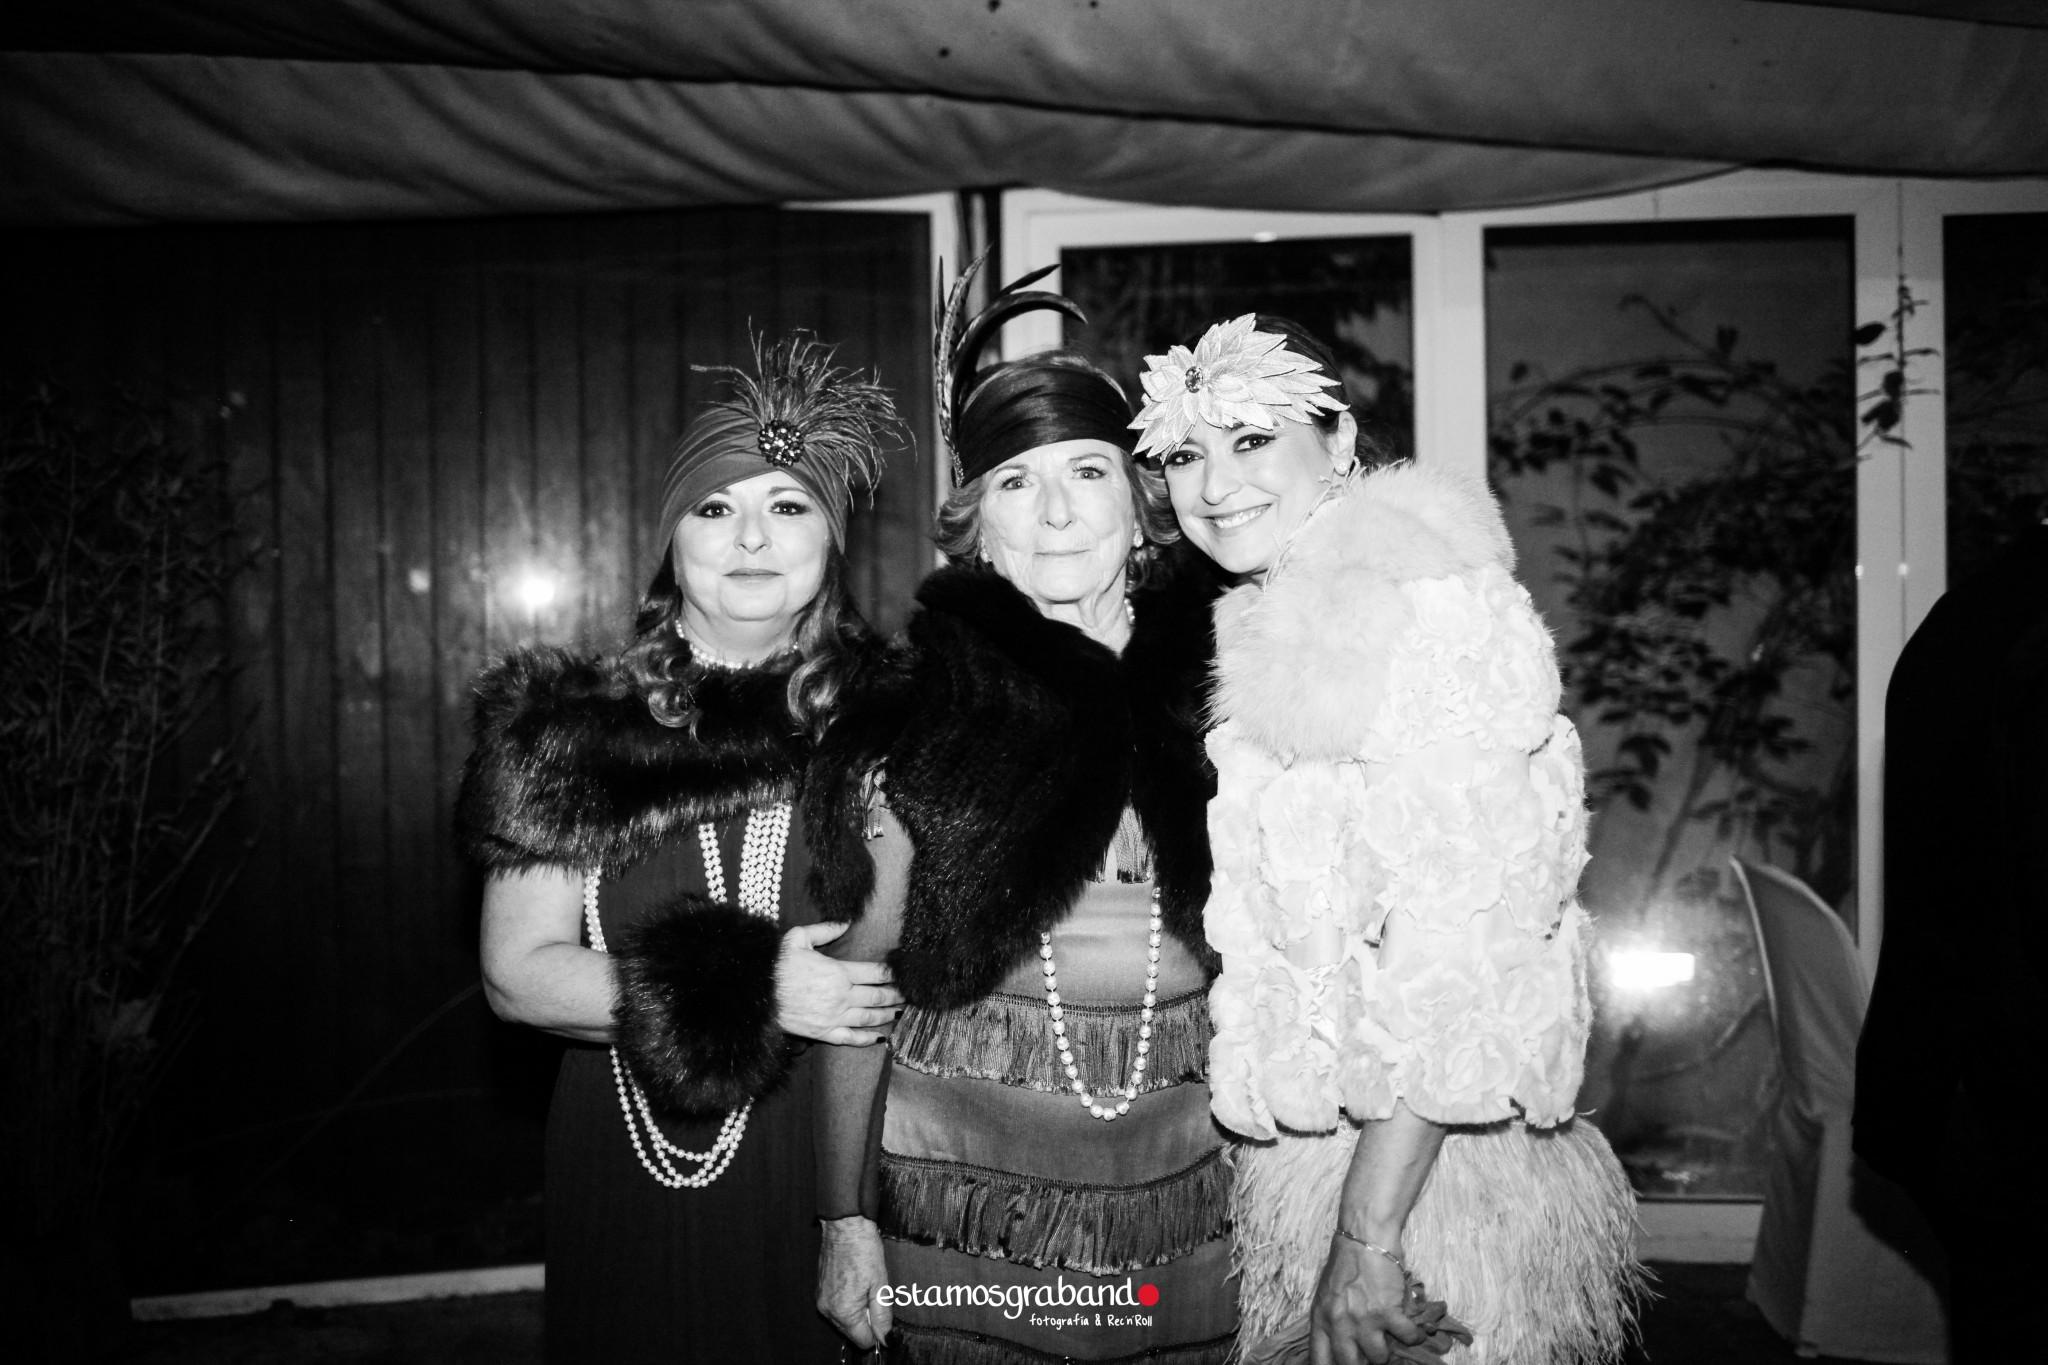 Años-20-BBTP-71-de-109 Los locos Años 20 [Fotografía en La Teta de Julieta, Cádiz] - video boda cadiz